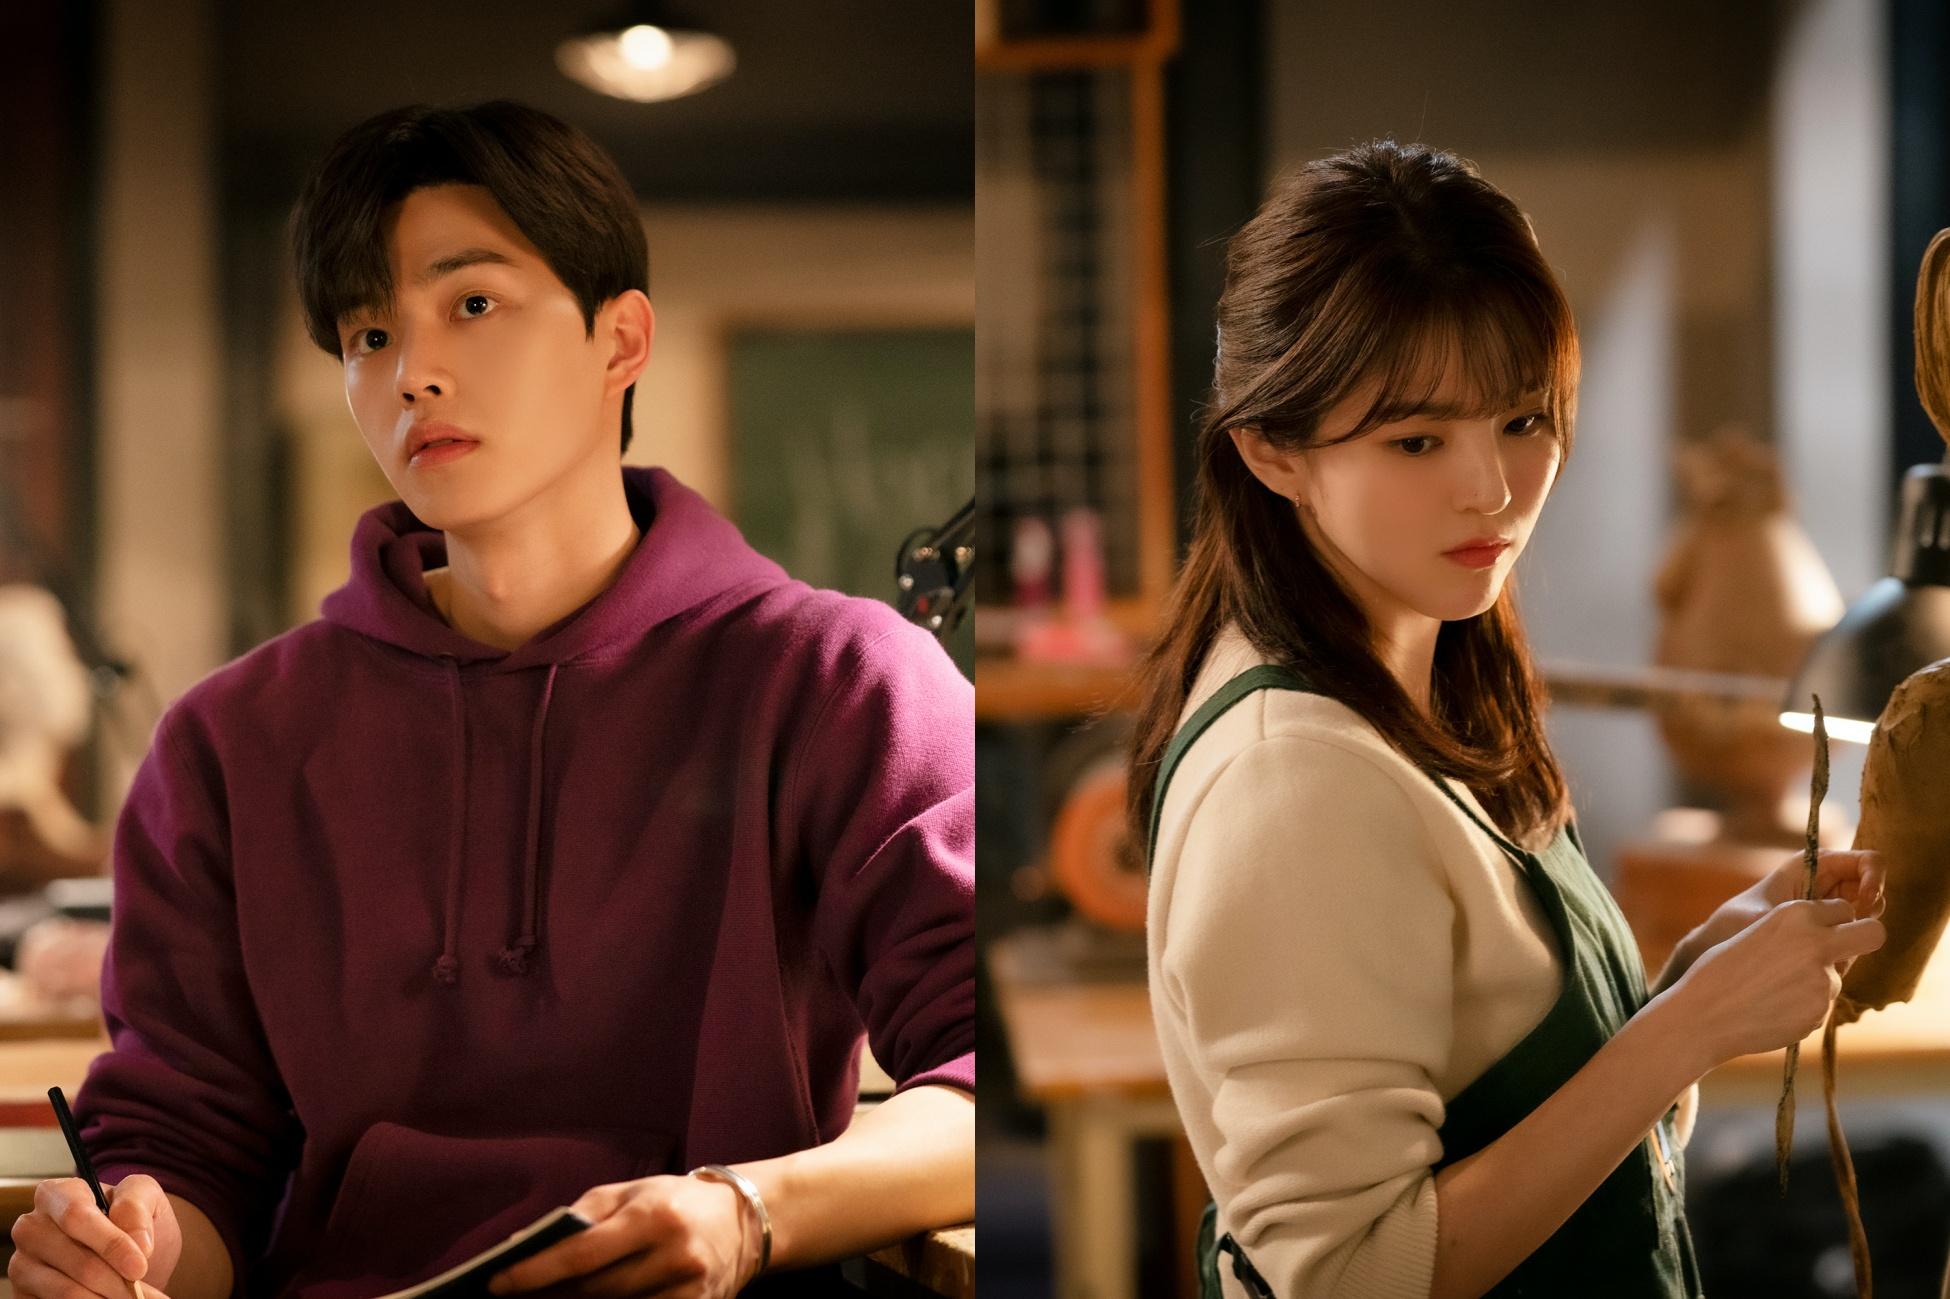 รีวิวซีรีส์เกาหลีมาแรง Nevertheless รักนี้ห้ามไม่ได้ ความสัมพันธ์แบบ fwb